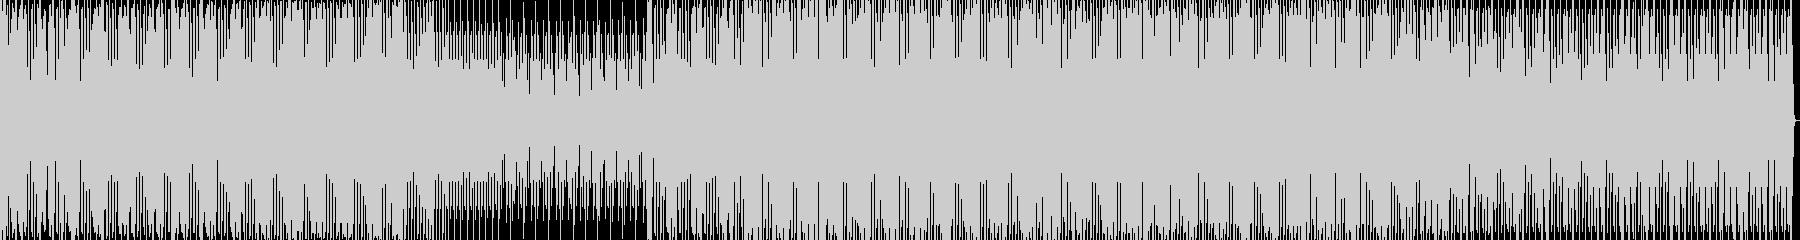 暗いダークなミニマルハウスの未再生の波形